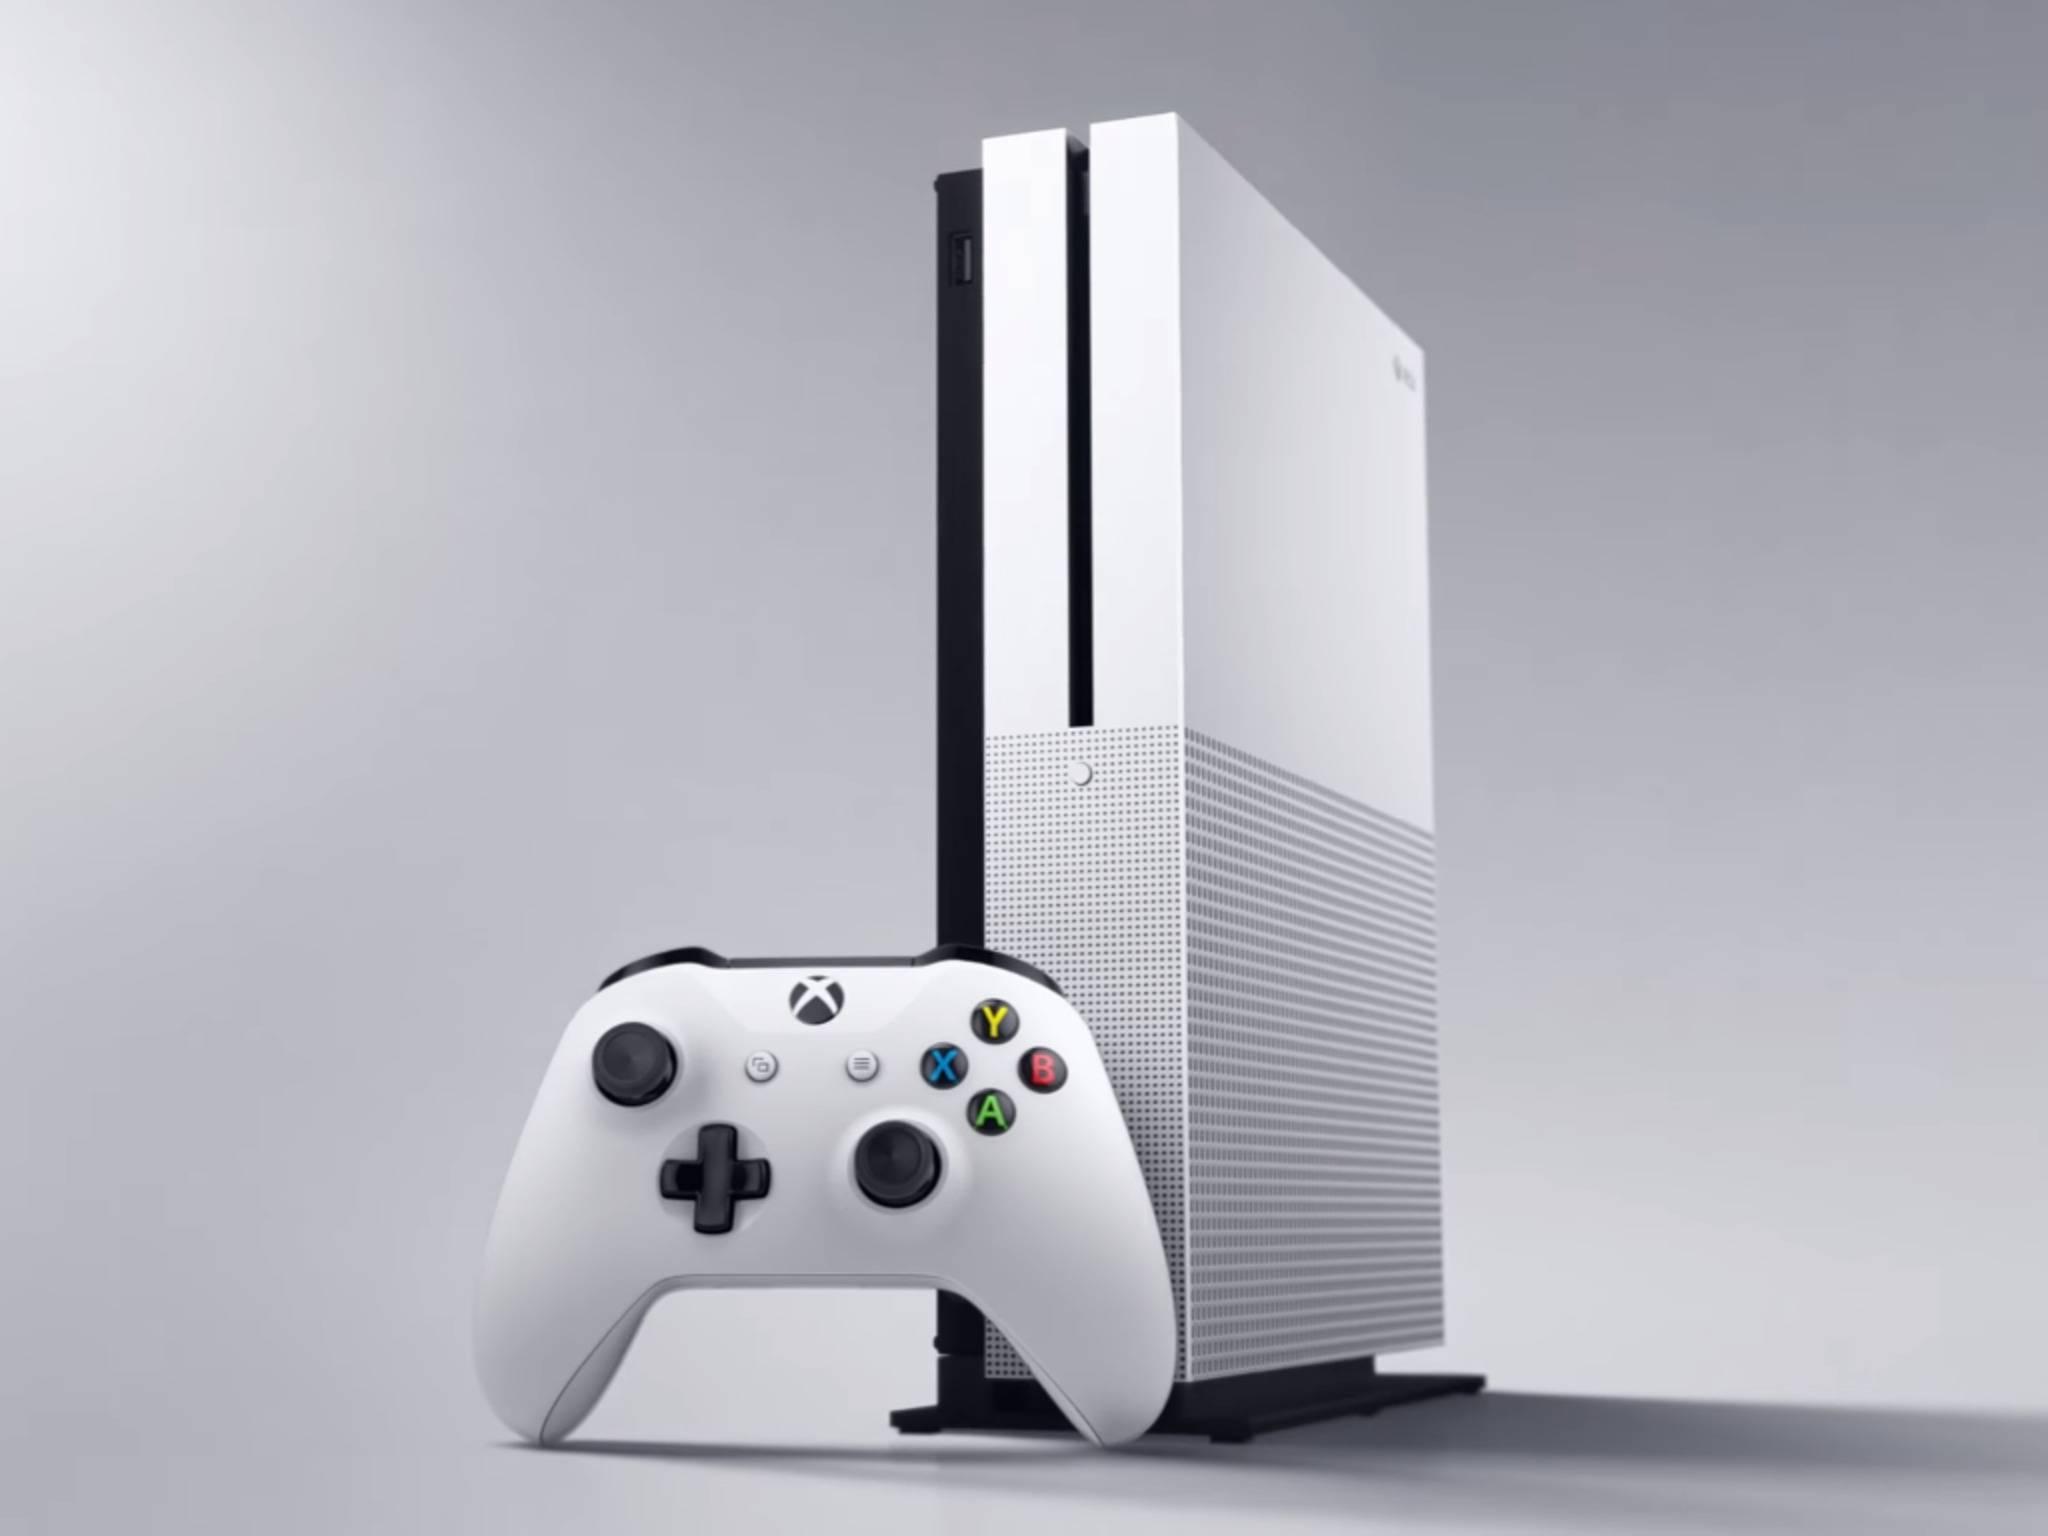 Die Xbox One S erscheint bereits Anfang August.